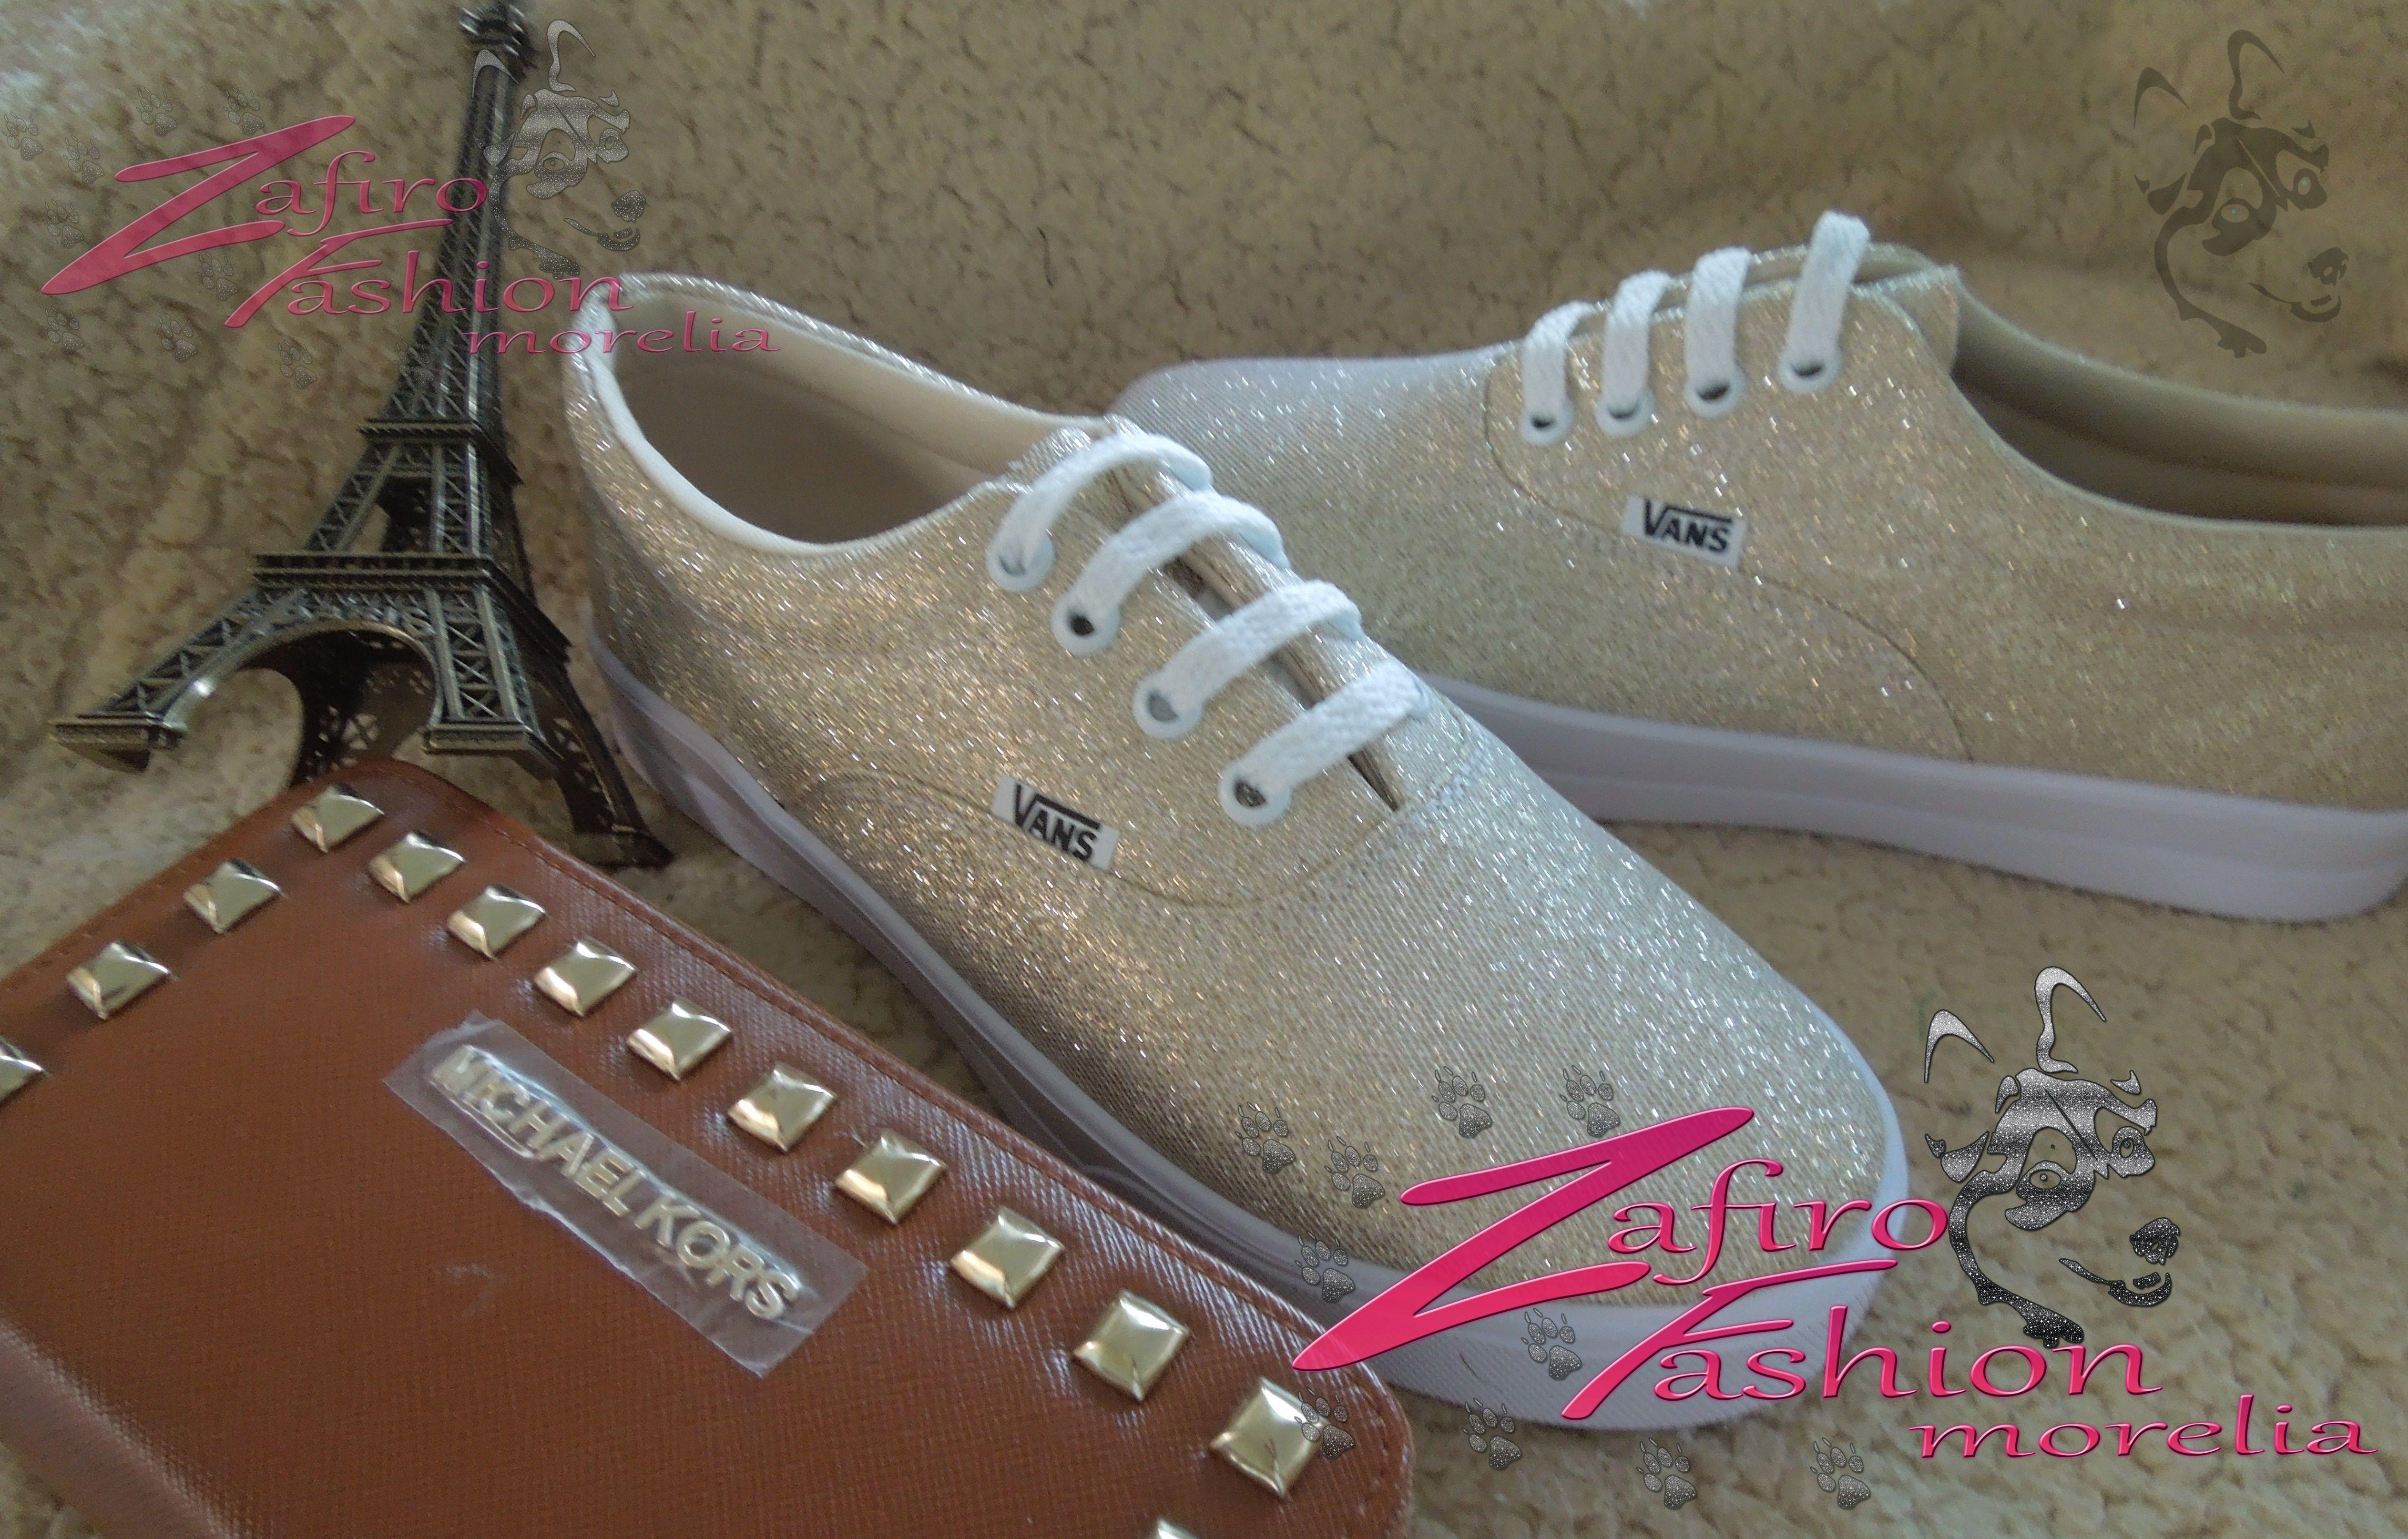 8daa614fe2e6 VANS con gliter dorado encuentralo en facebook en Zafiro Fashion Morelia o  en instagram en